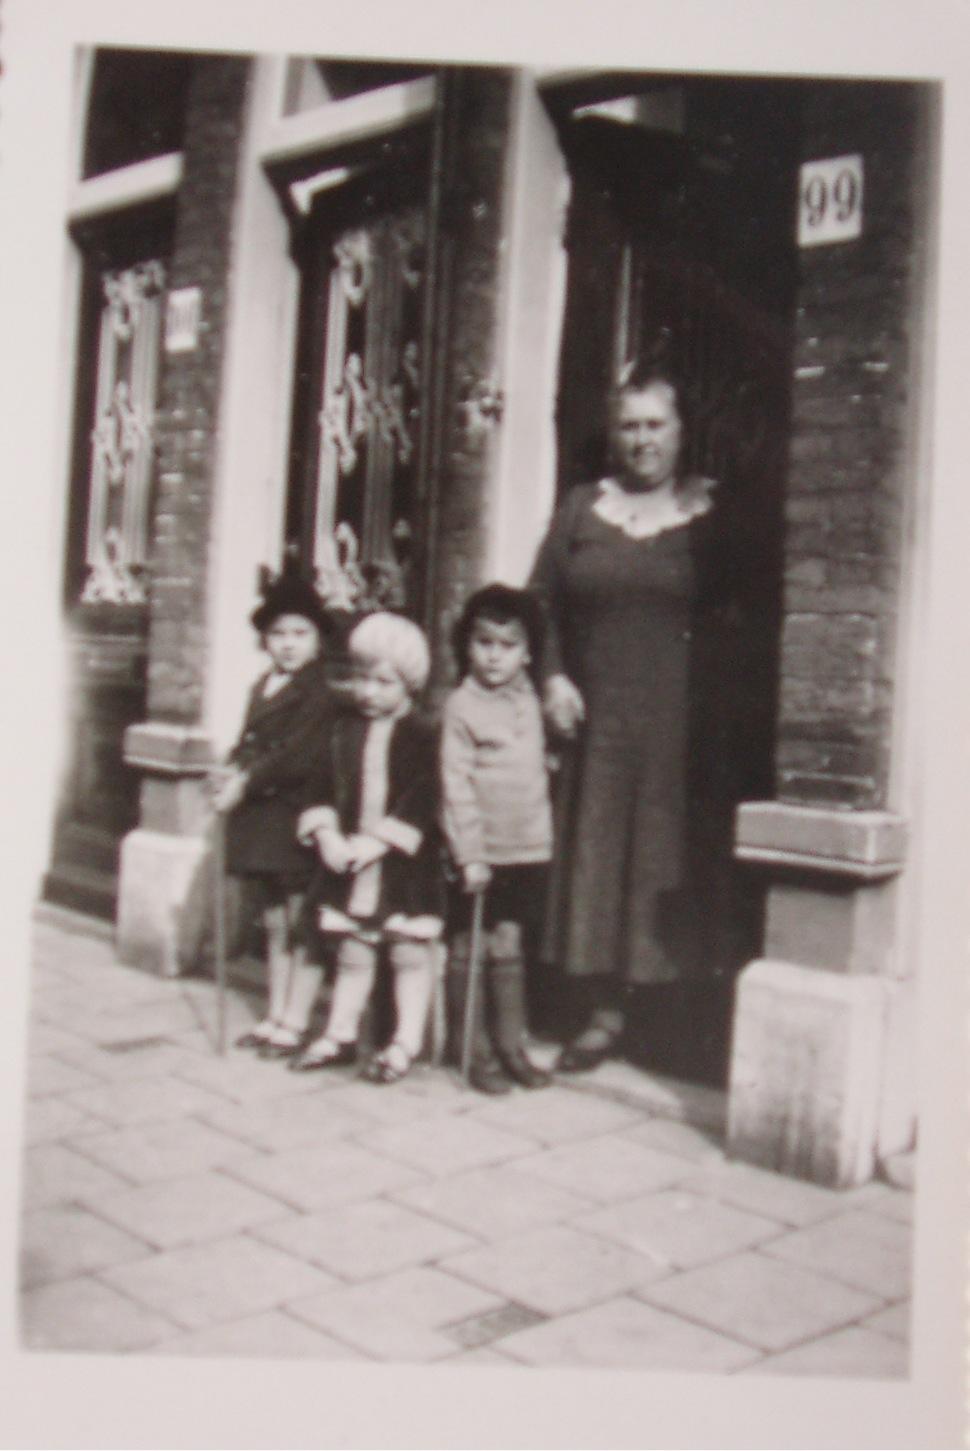 ma Jonker, Van Kinsbergenstraat 99, Den Haag